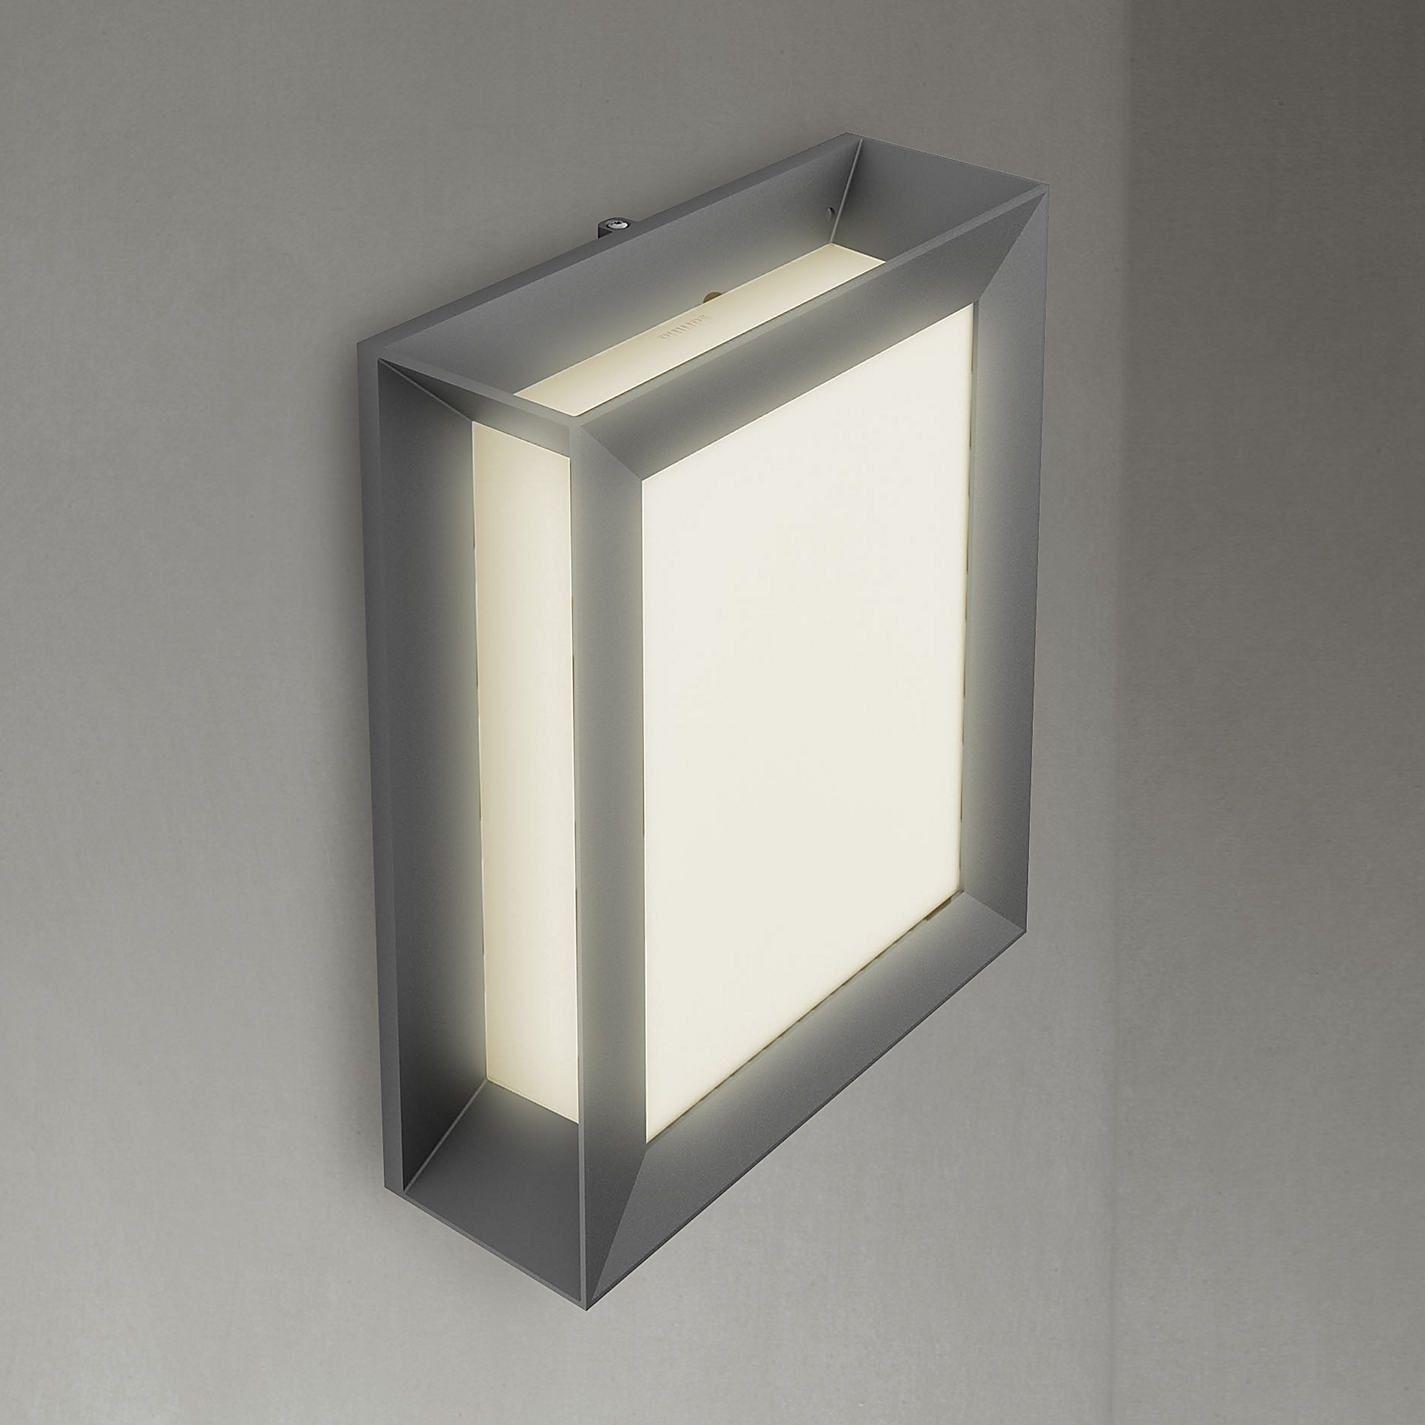 15 Sammlung Von Bunnings Outdoor Wand Beleuchtung Mehr Auf Unserer inside Outdoor Lanterns At Bunnings (Image 1 of 20)